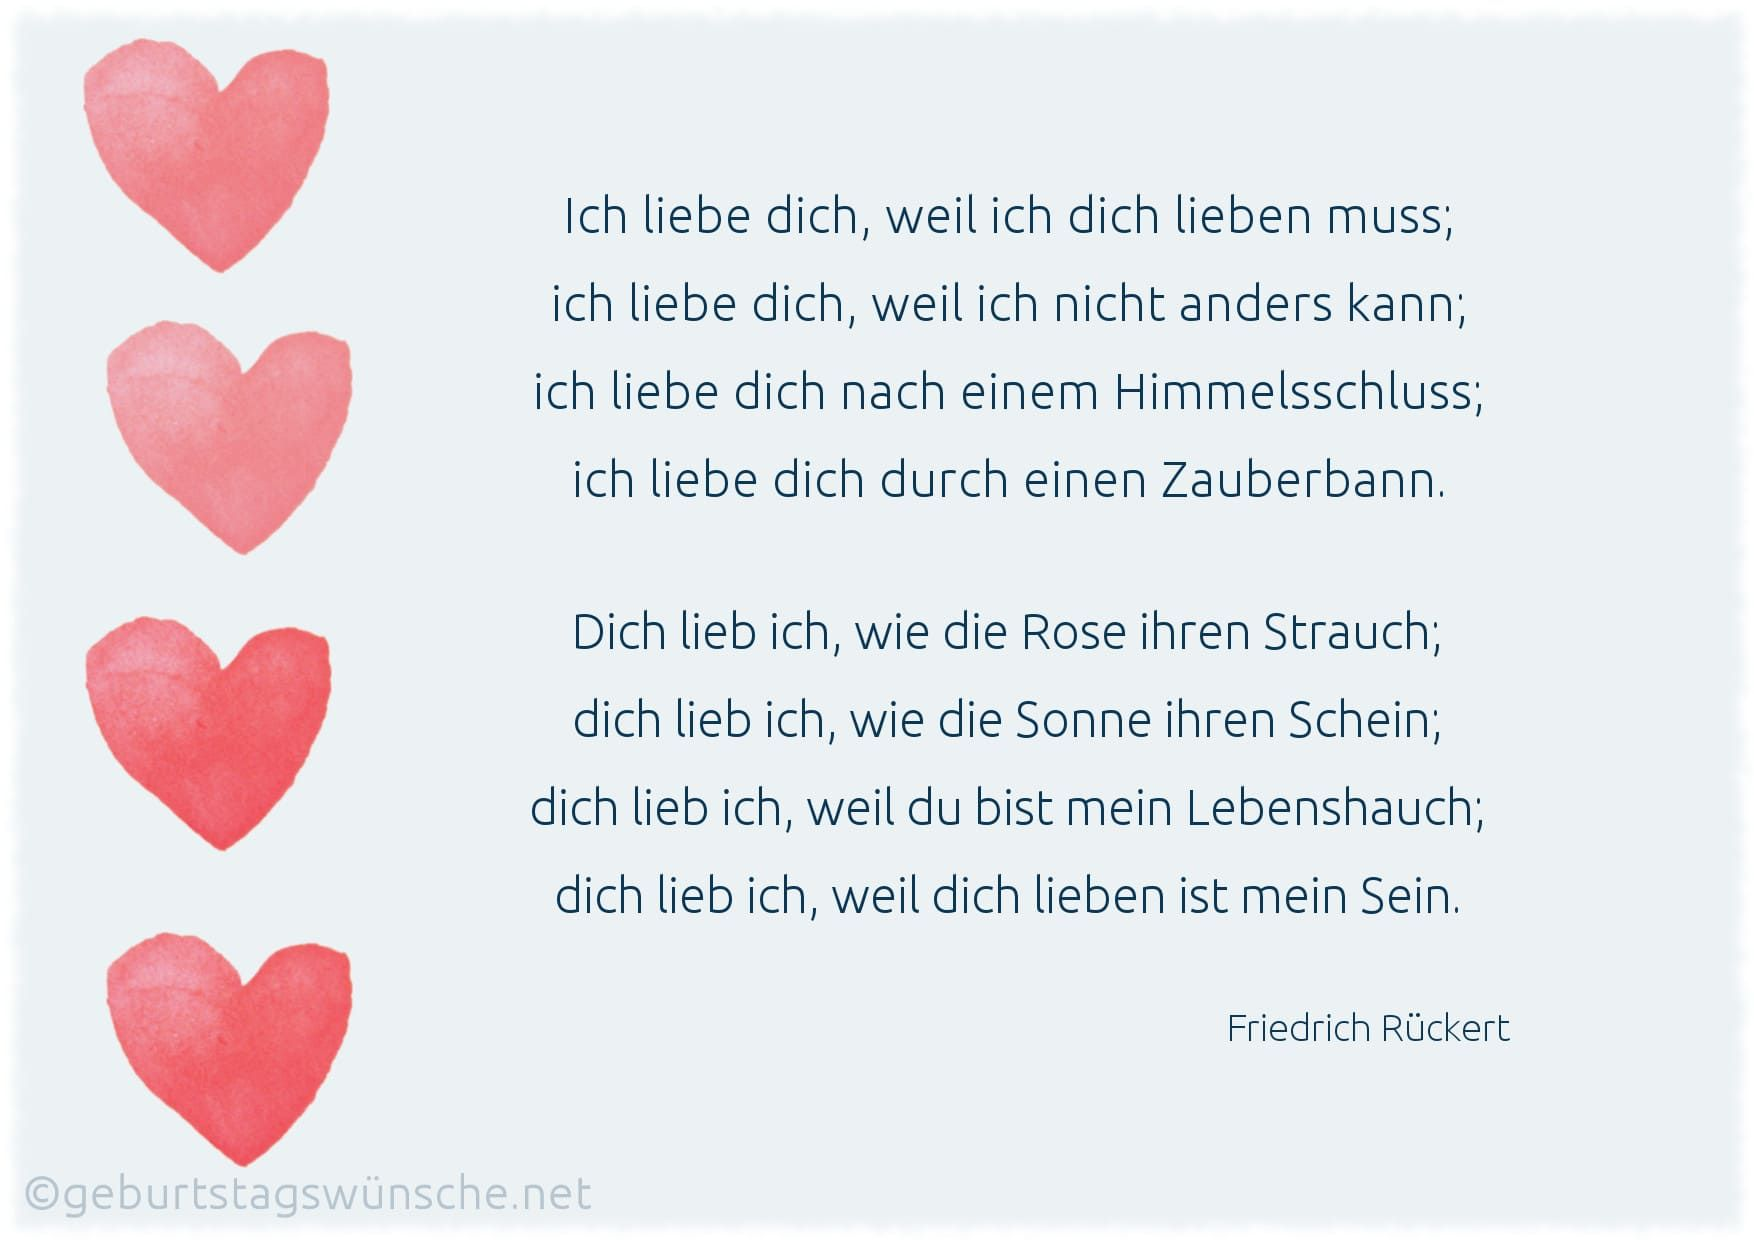 Liebesgedichte Entdecke romantische Verse über die Liebe. | Lustige geburtstagswünsche